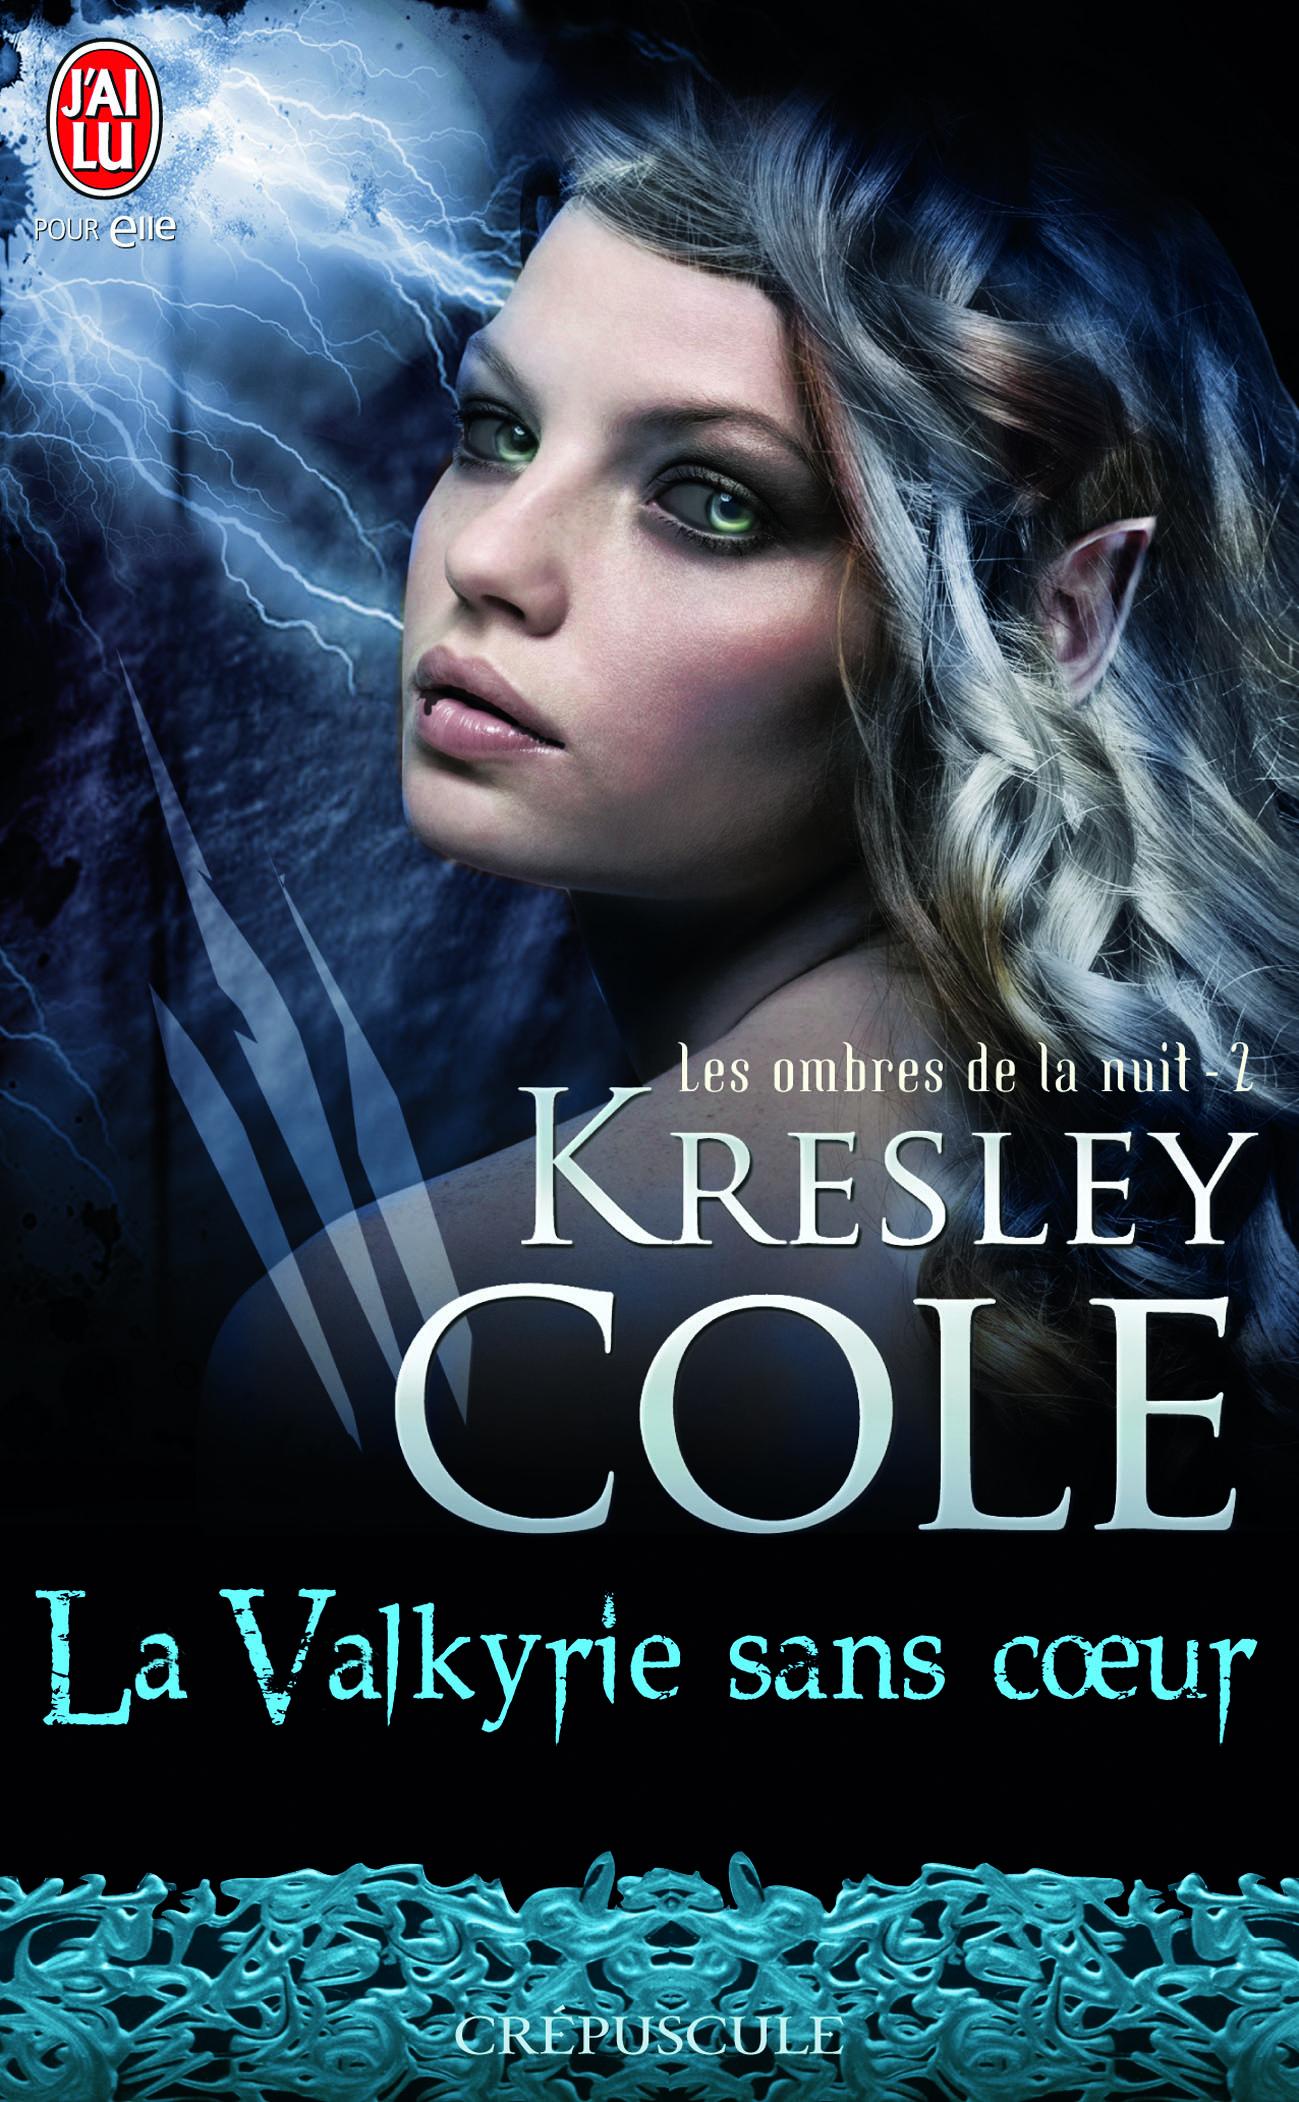 Carnet de lecture de LaMarquise ON_02_valkyrie_sans_coeur